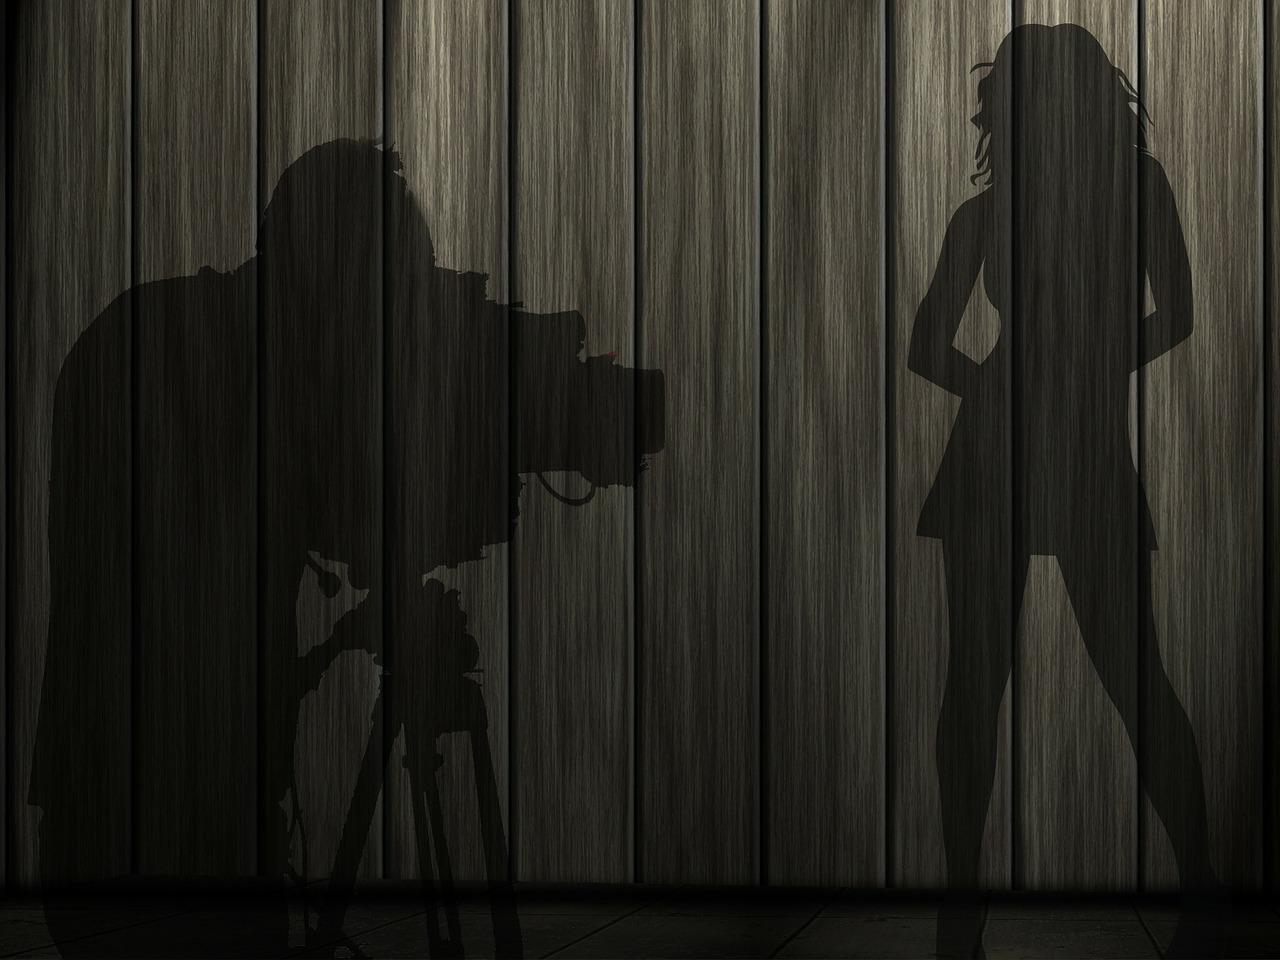 Ofertas de empleo para actores y actrices: los últimos cásting